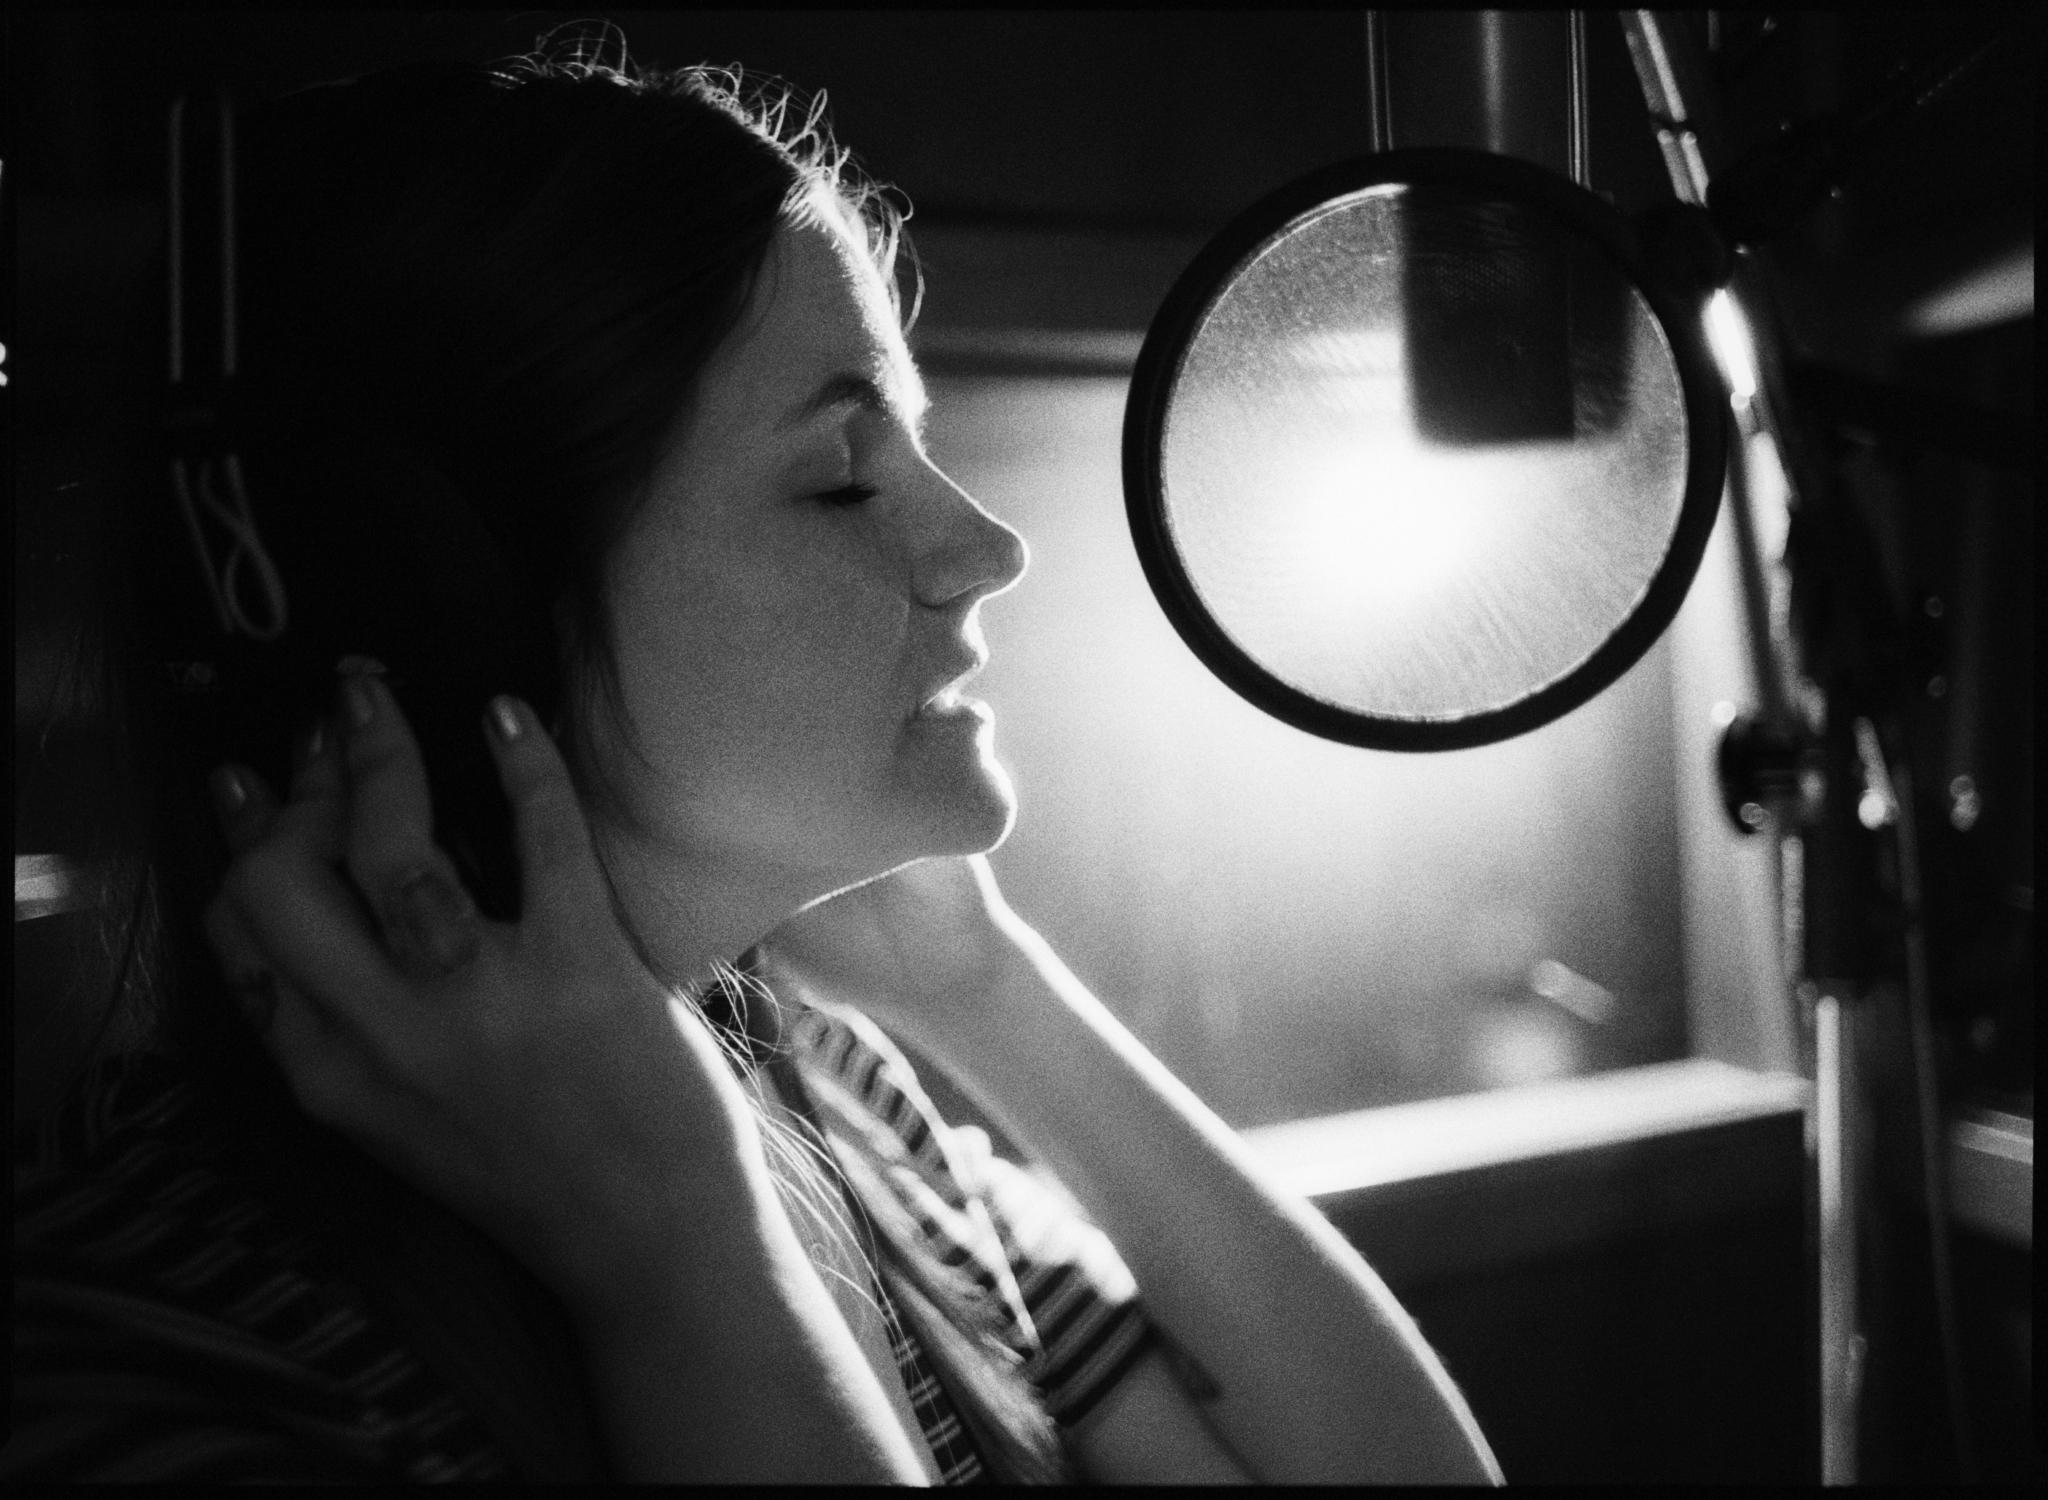 Erin Rae recording vocals at Sam Phillips Recording in Memphis, TN